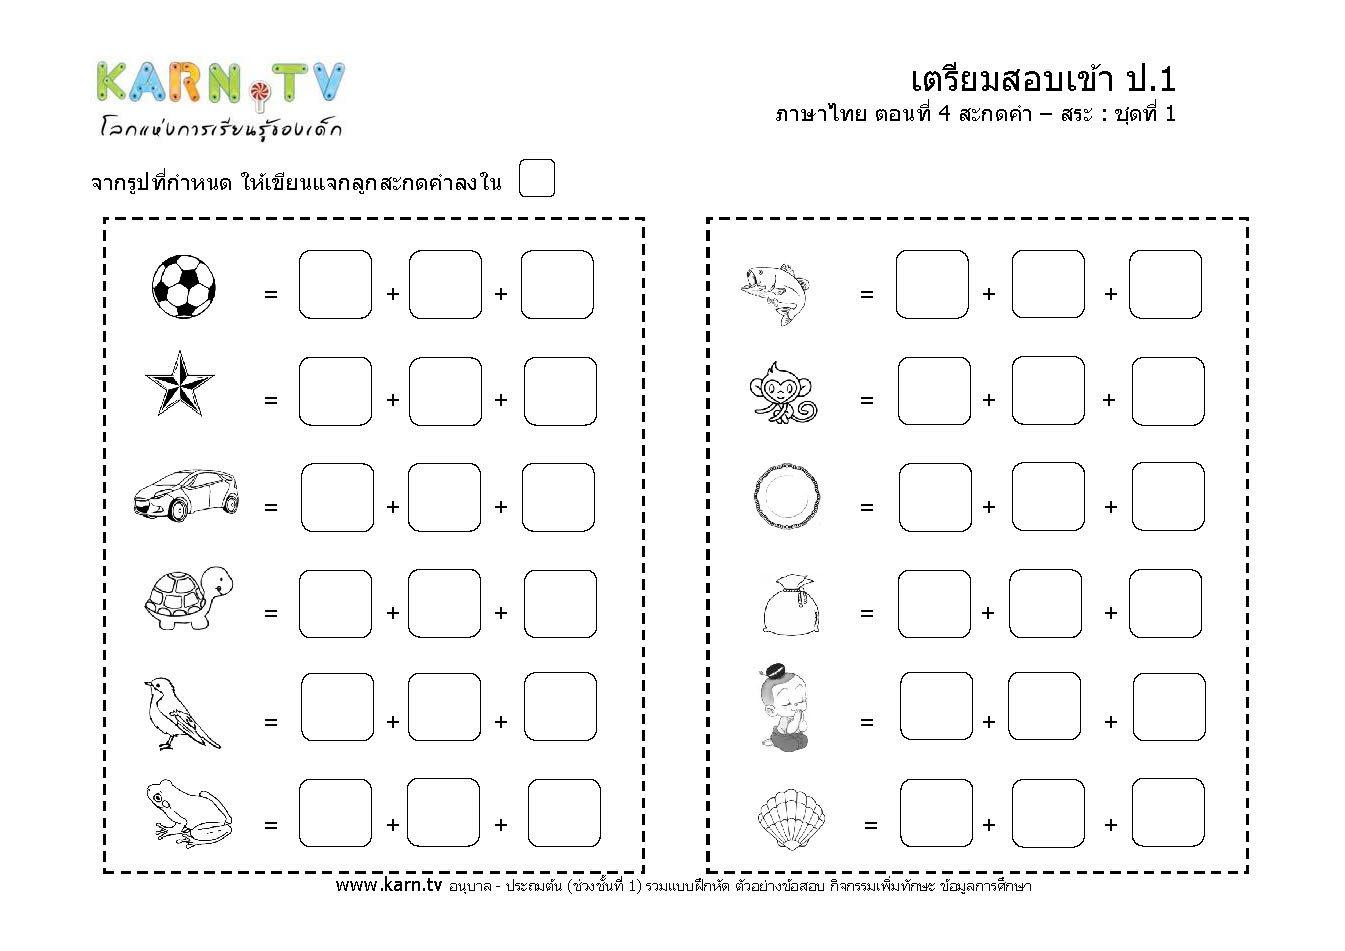 ภาษาไทย 4 สะกดคำ ช ด 1 แบบฝ กห ดคำศ พท ช ด